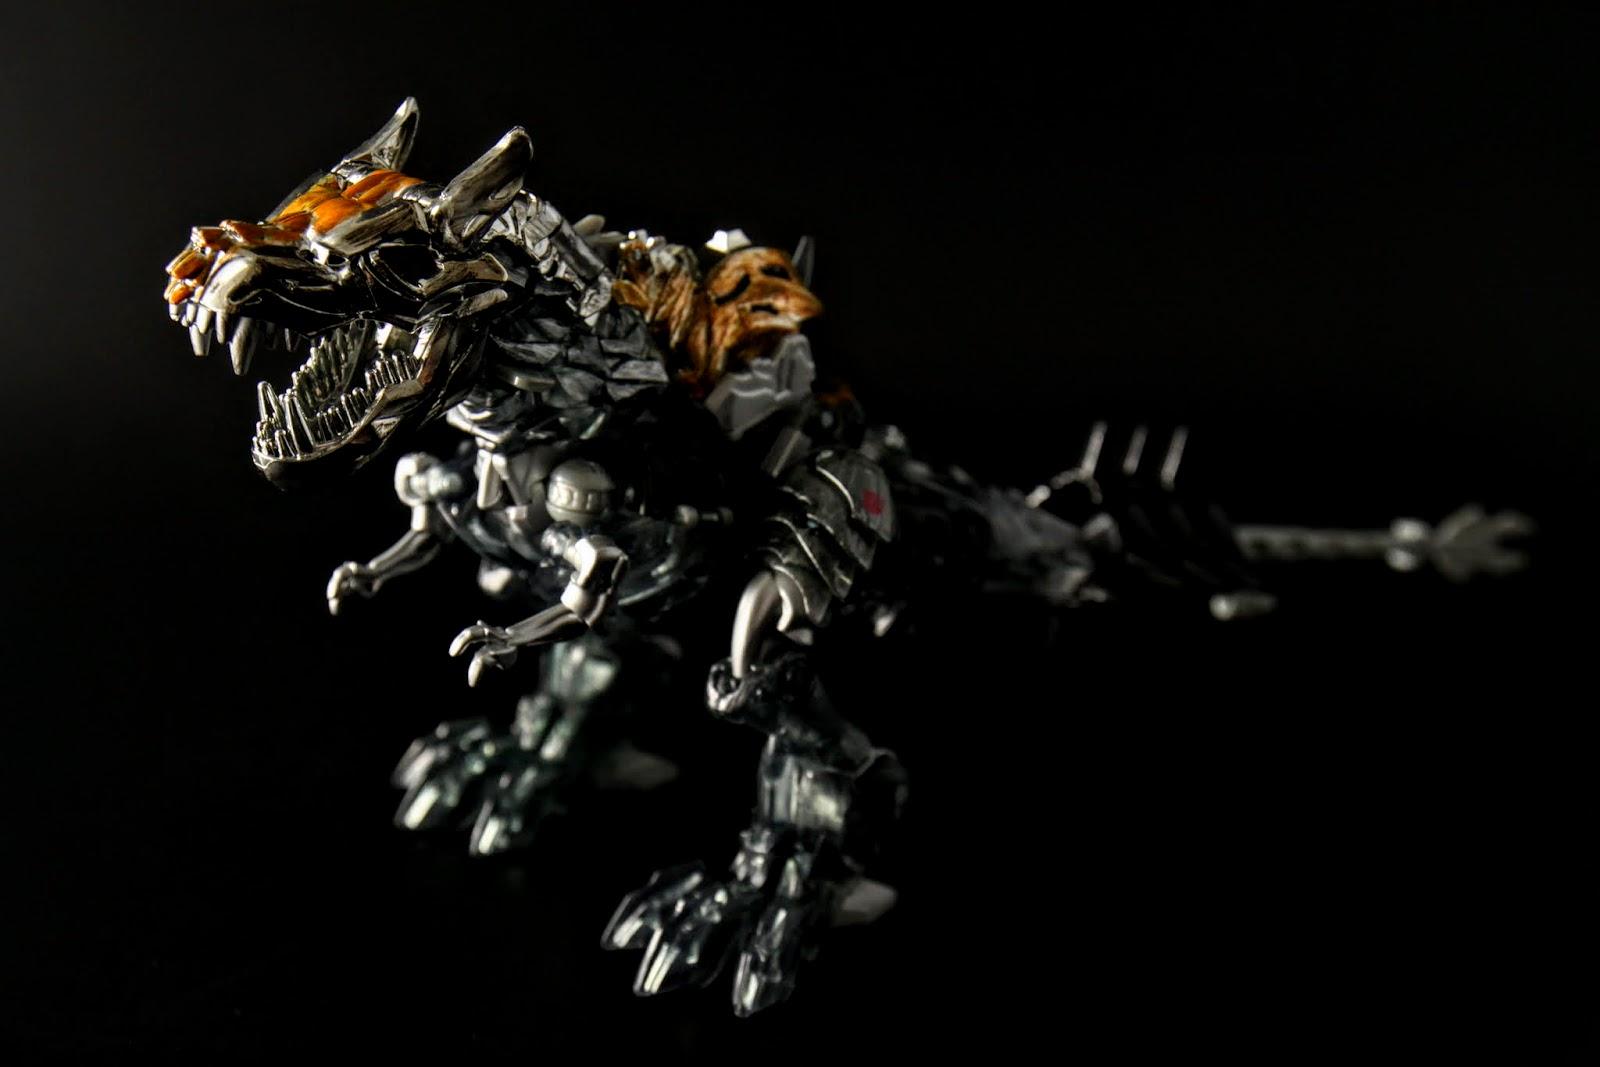 最後是恐龍小隊的隊長,之前也有介紹過的鋼索-Grimlock